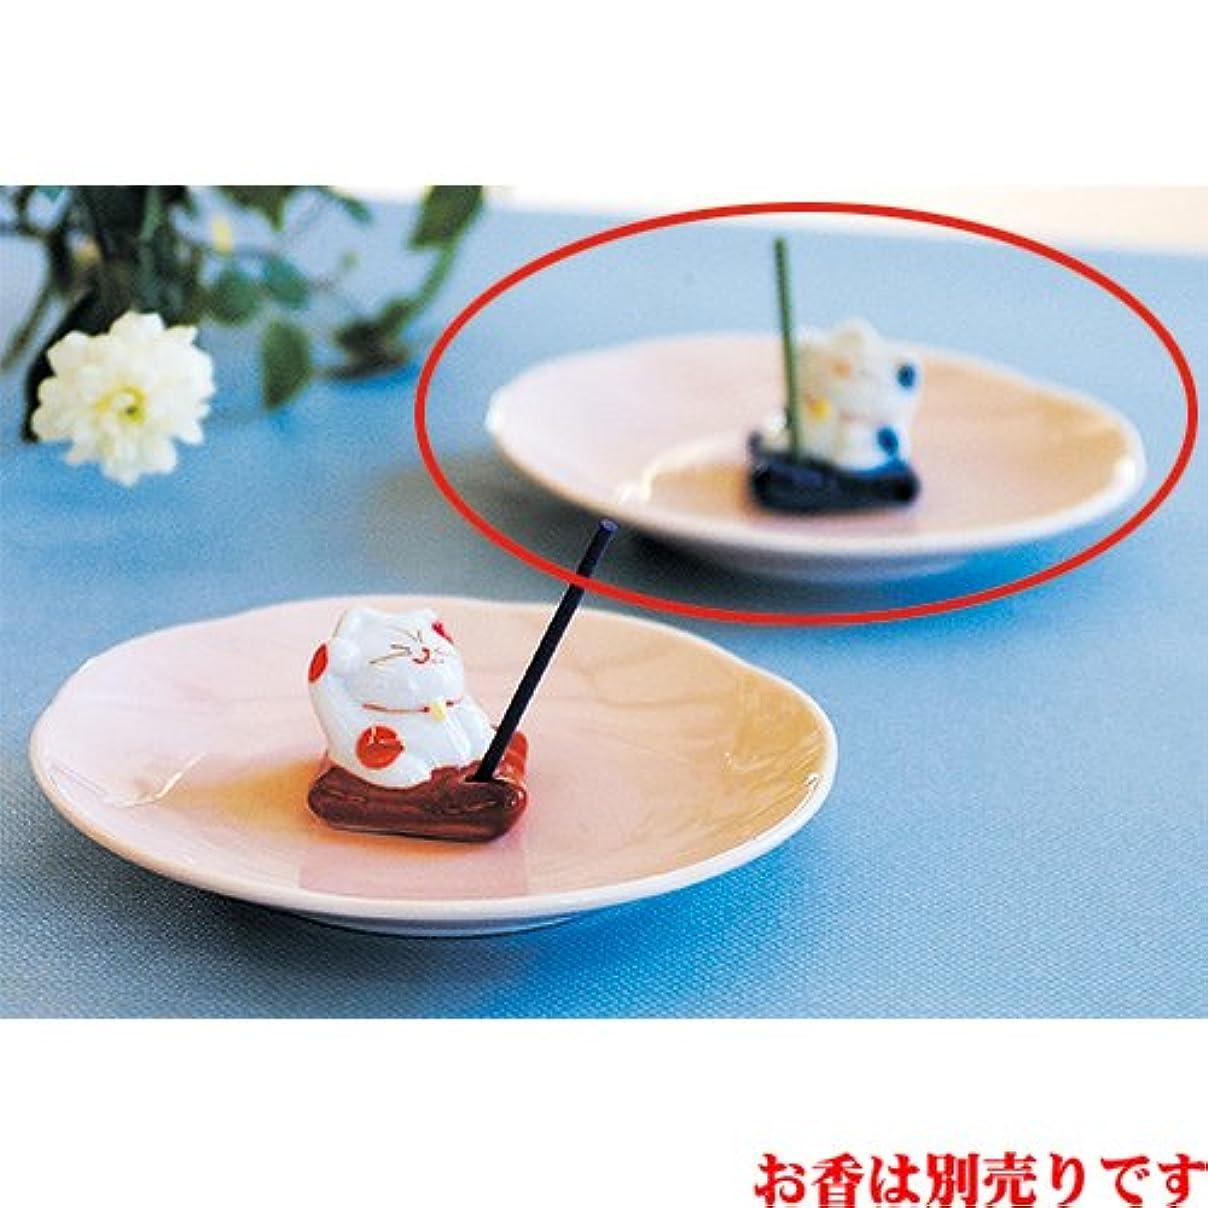 キャビンつかの間期待して香皿 ザブトンネコ 香皿 ブルー [R12.5xH4cm] プレゼント ギフト 和食器 かわいい インテリア